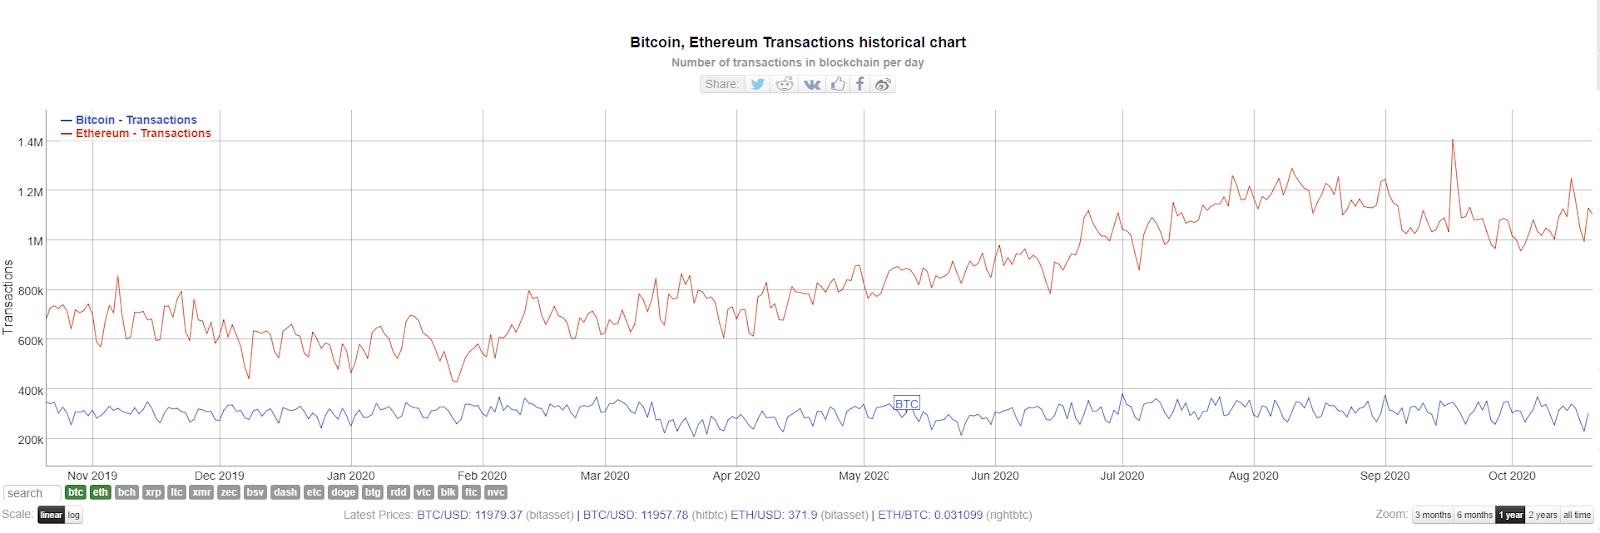 Số lượng giao dịch Bitcoin hàng ngày.